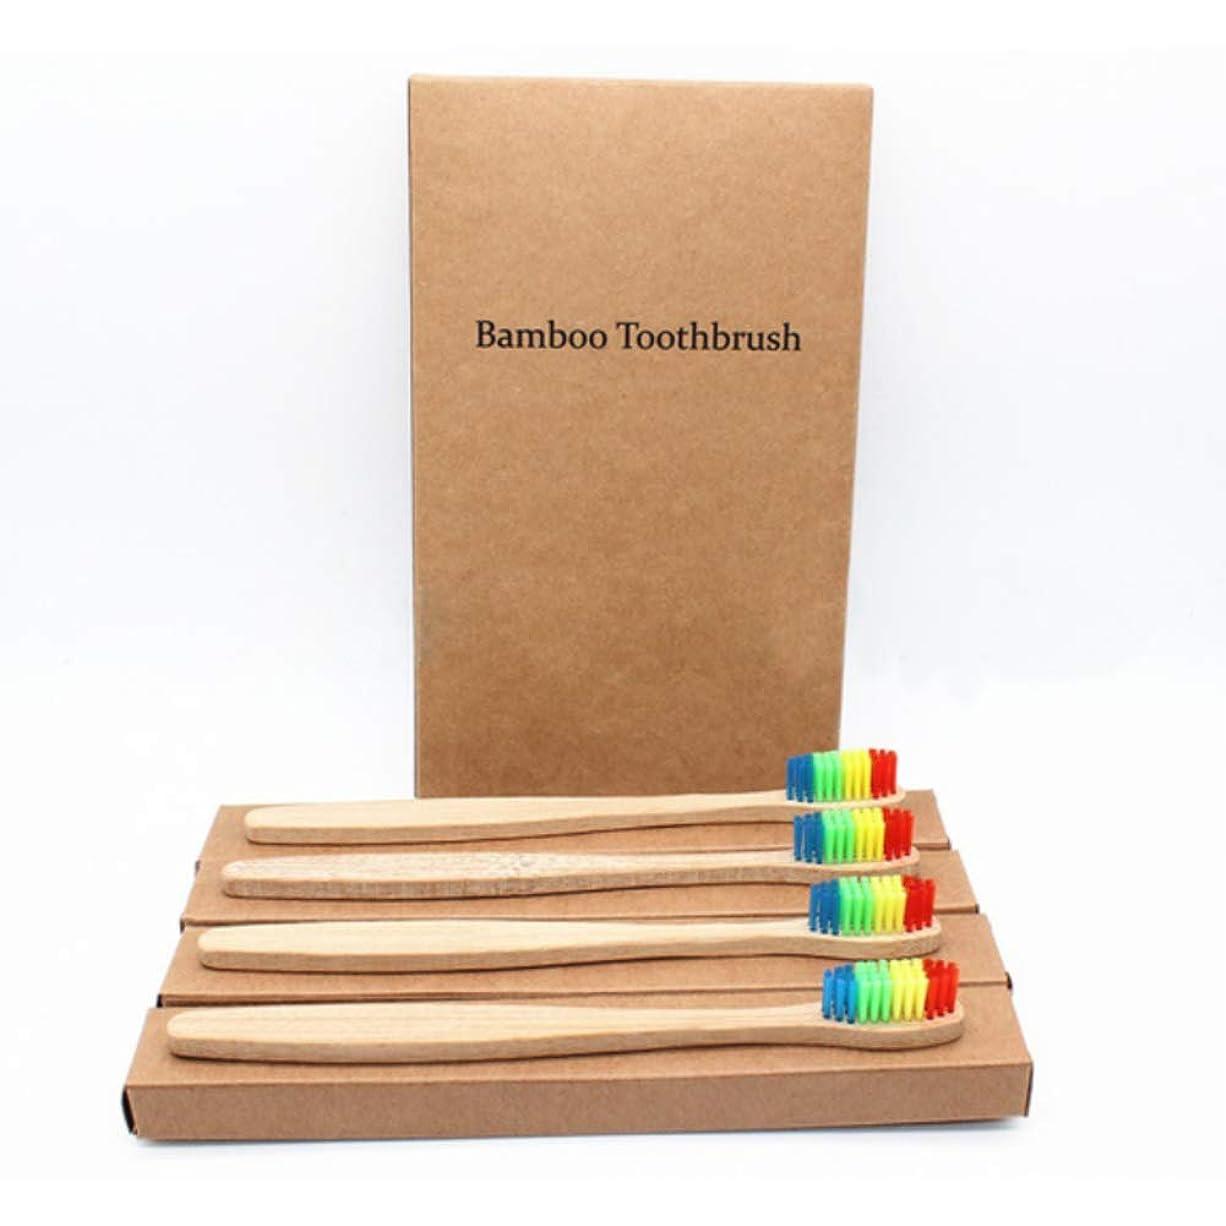 不公平シャンパンスカルクSelltoJP [4 PCS] カラフルな剛毛ヘッド竹歯ブラシ自然のために良い健康的な木製の虹色のオーラルケアソフト剛毛 (Khaki)